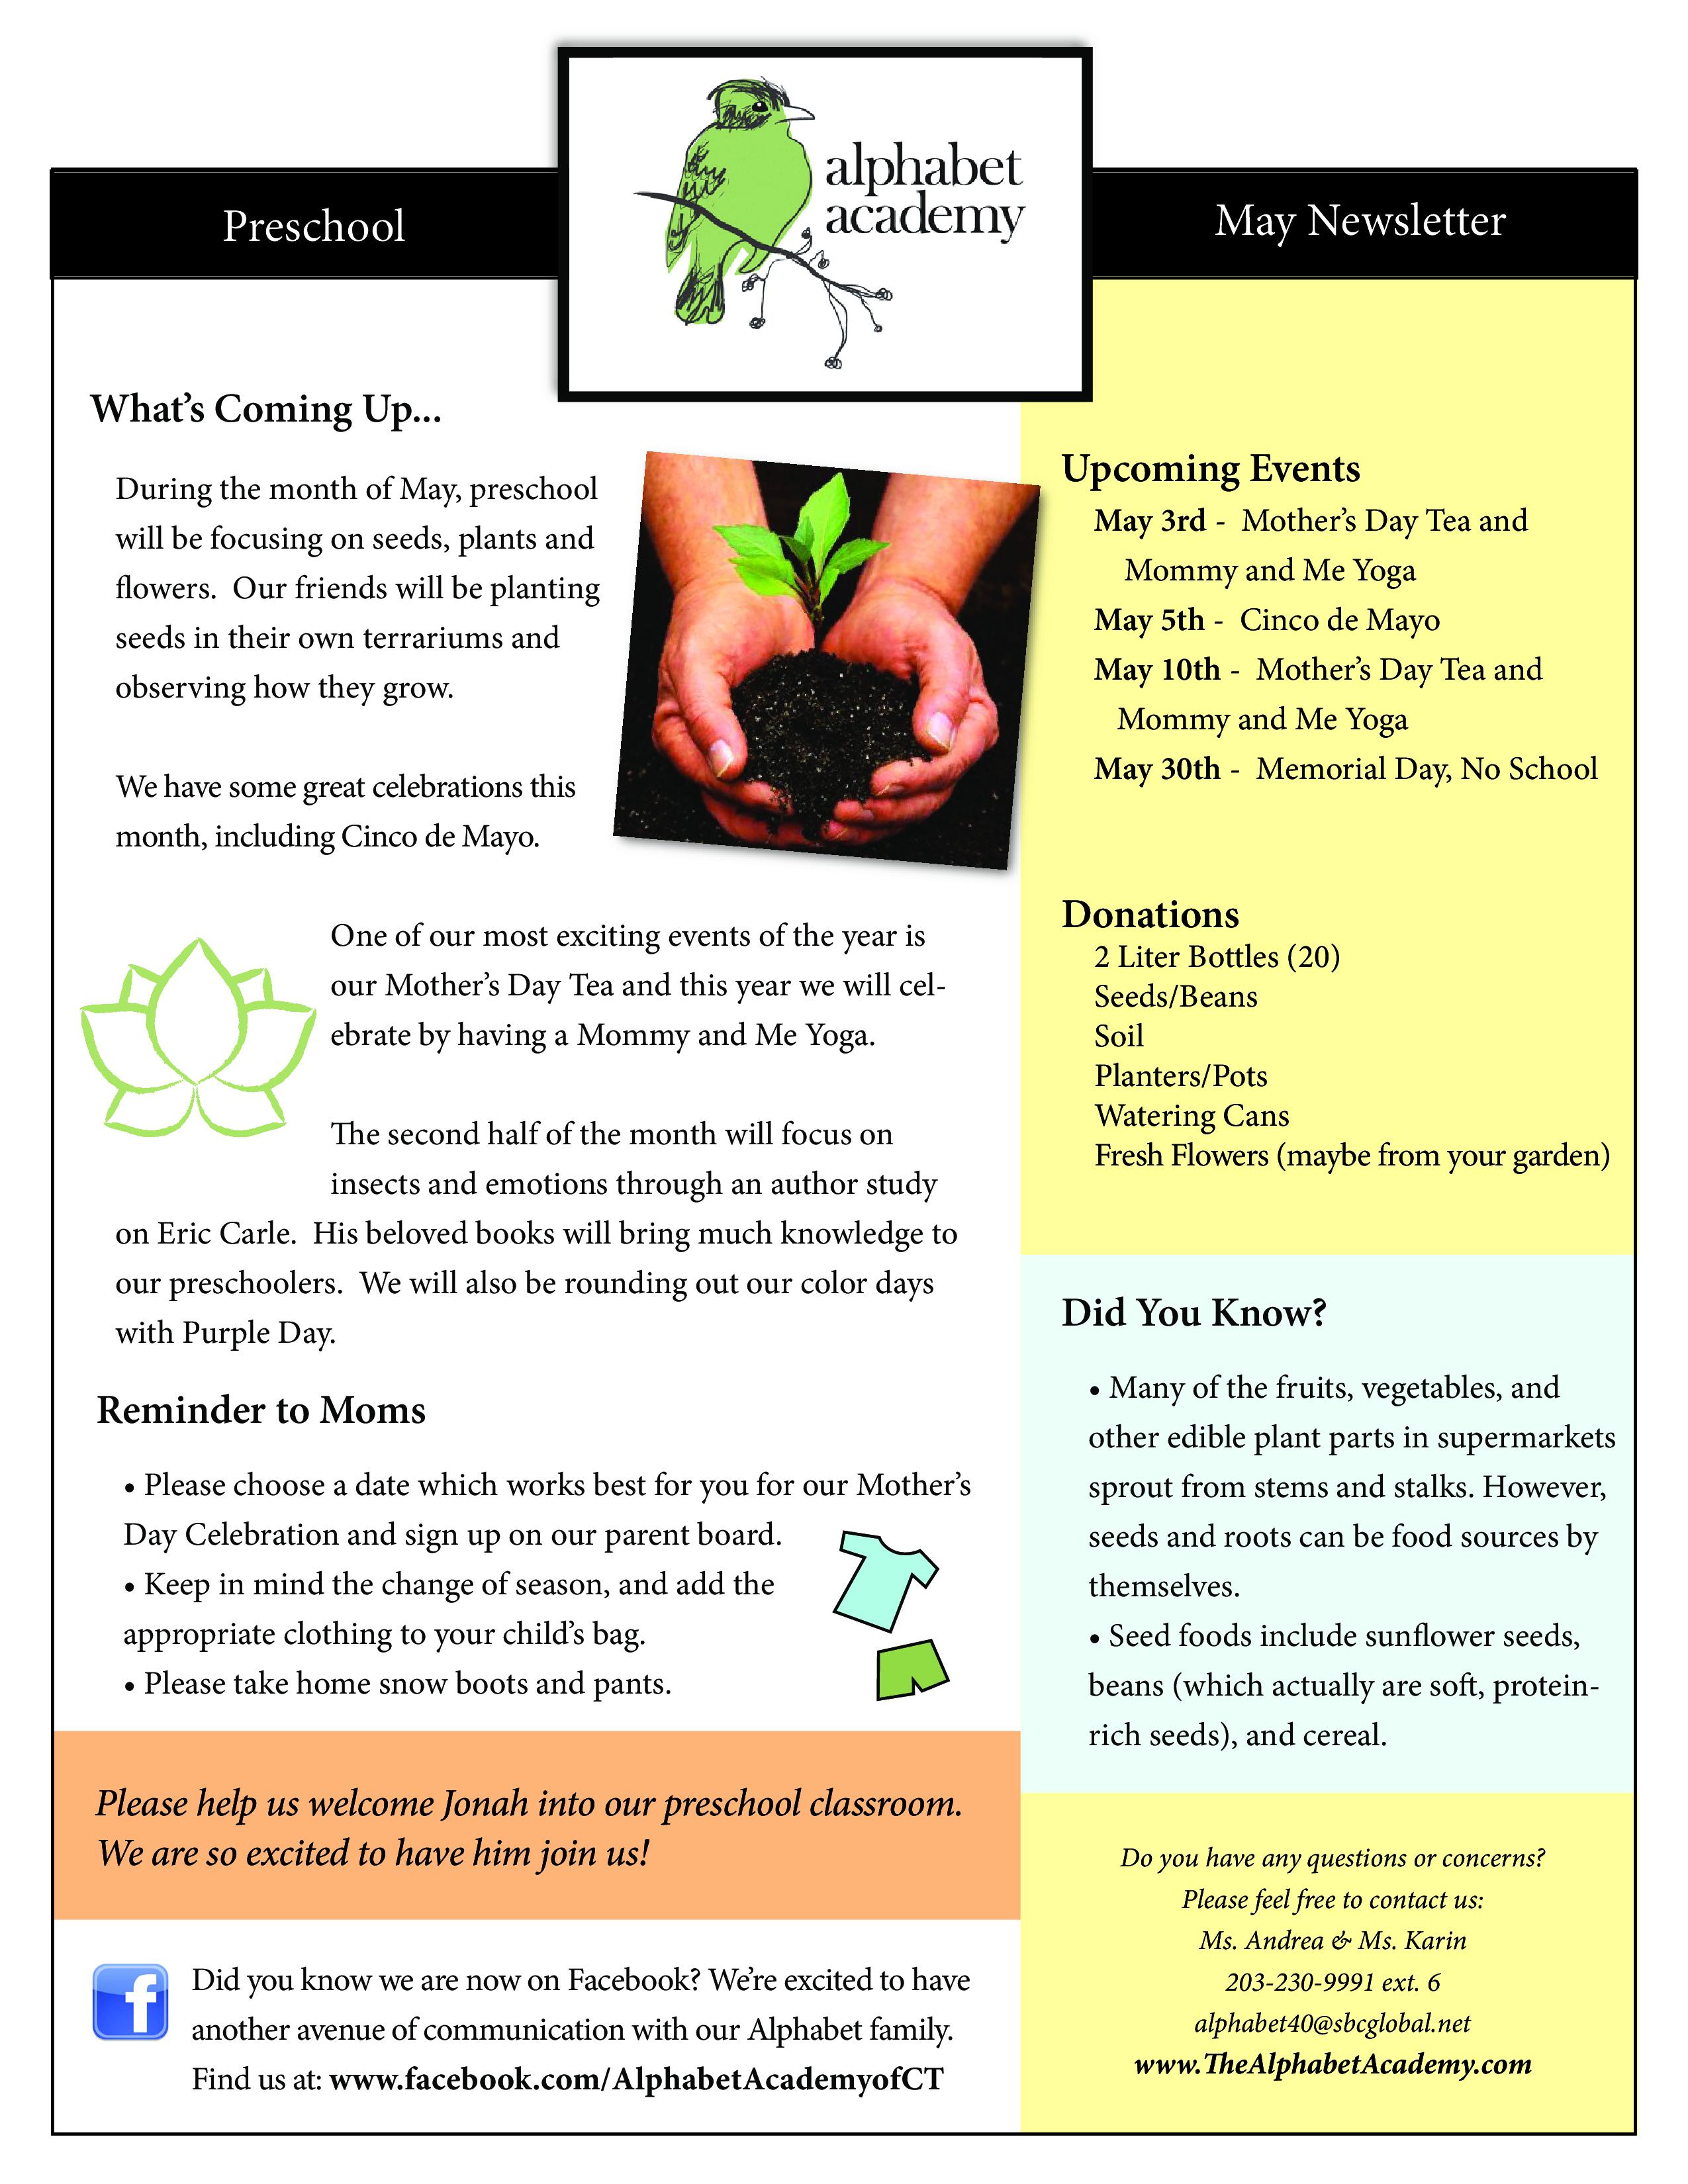 Preschool Newsletter Samples Preschool Newsletter Samplespdf